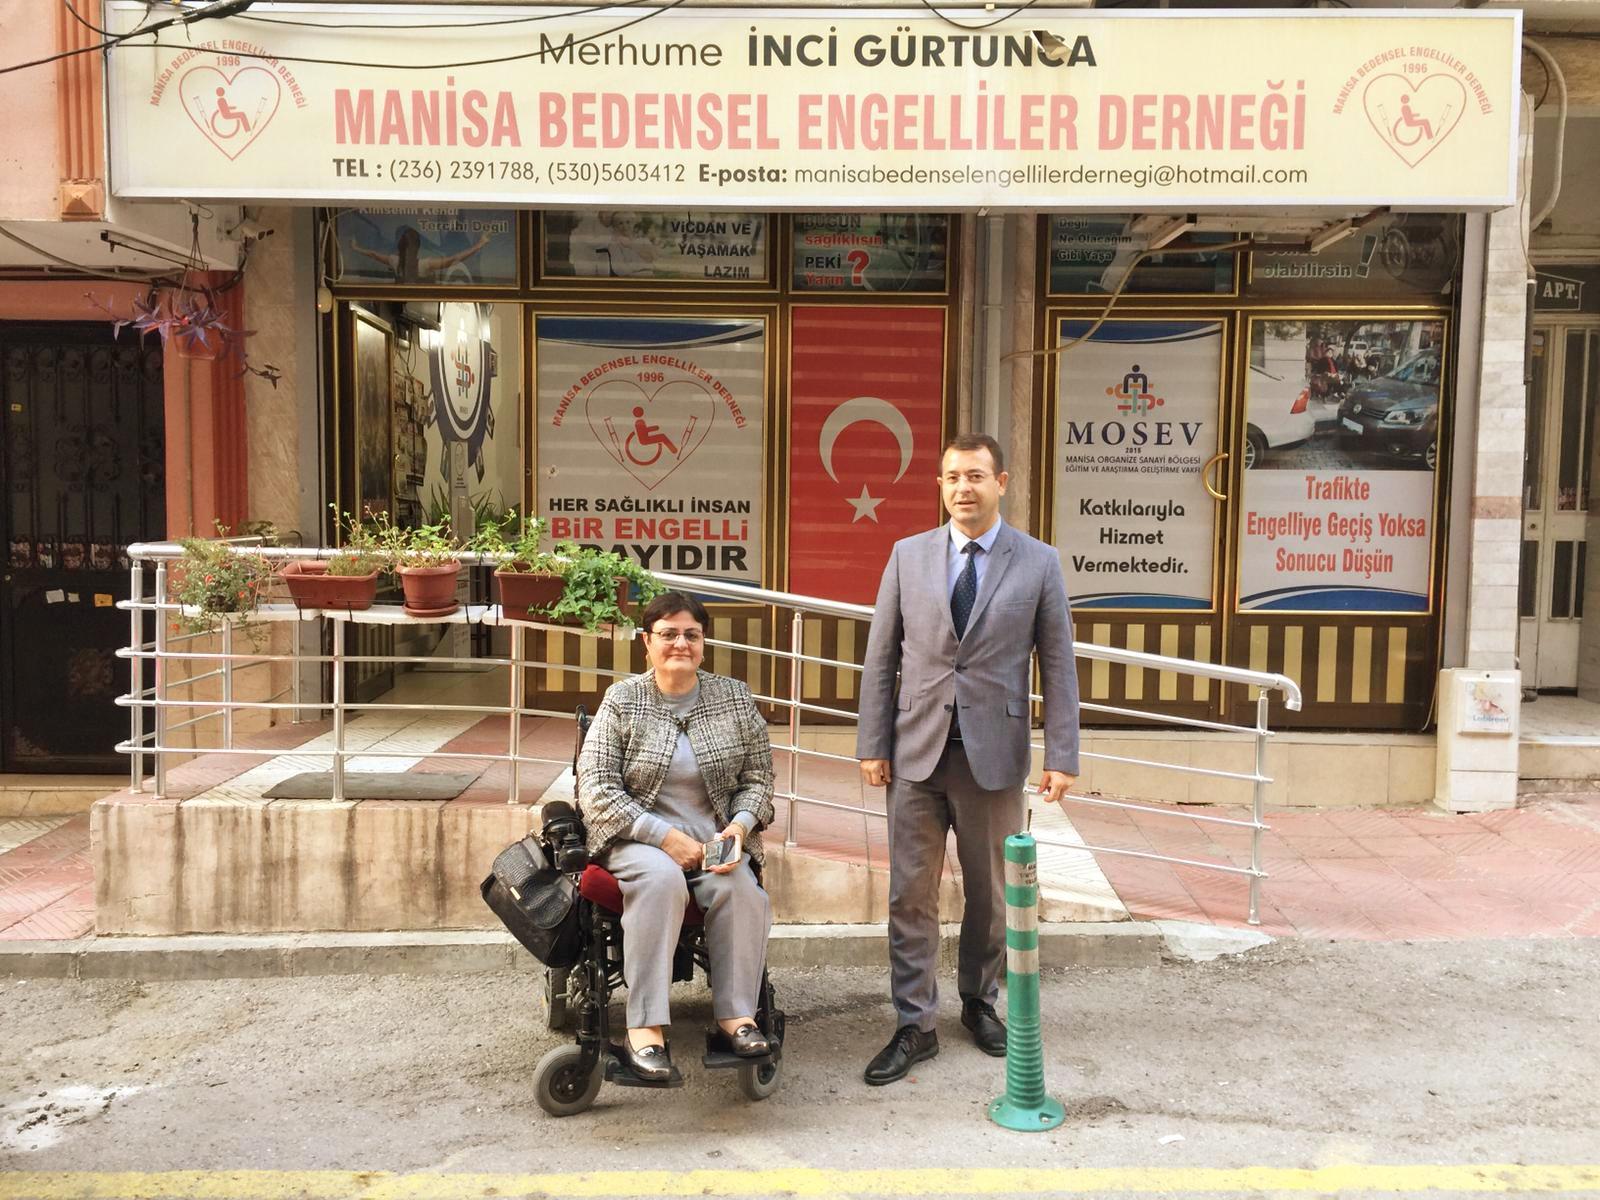 Mustafa Feridun Gülgeç' ten Manisa Bedensel Engelliler Derneği Başkanı'na ziyaret